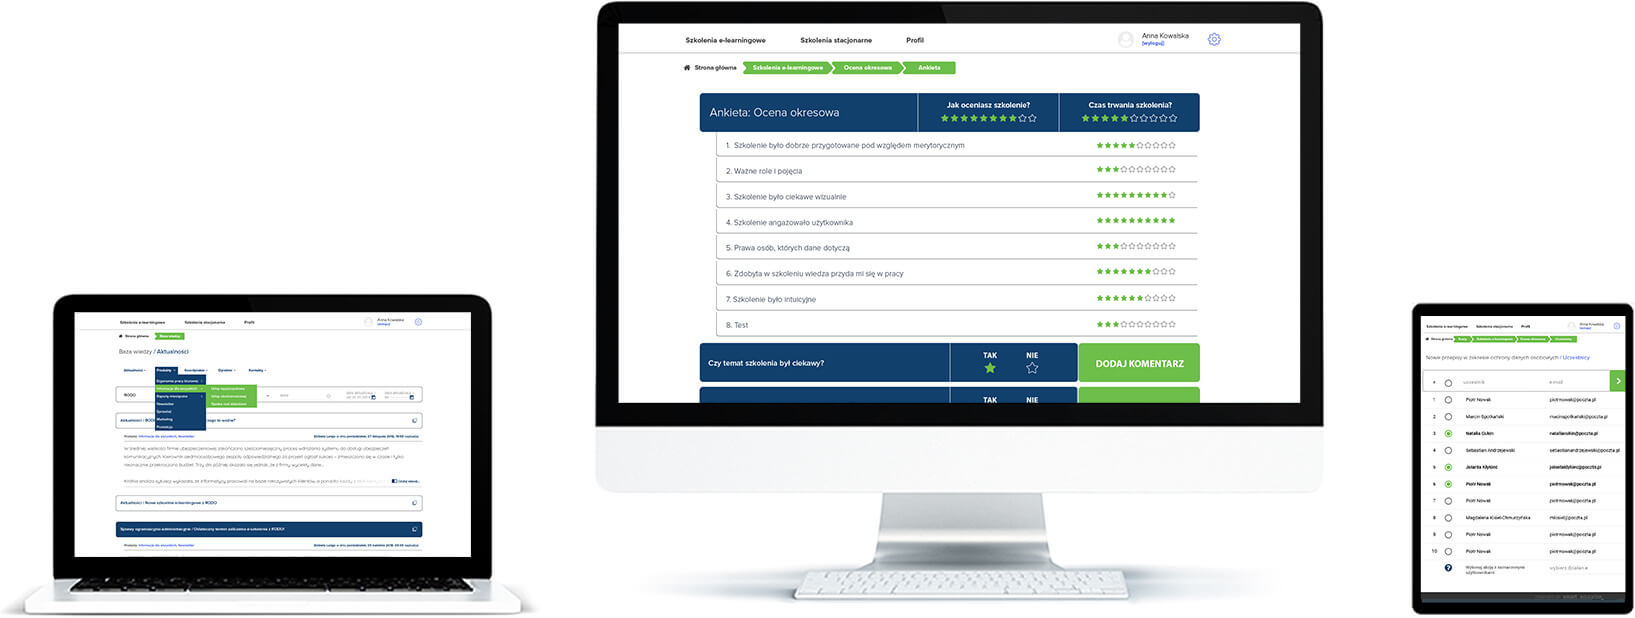 Ankieta dla użytkownika - ocena satysfakcji ze szkoleń stacjonarnych i elearningowych